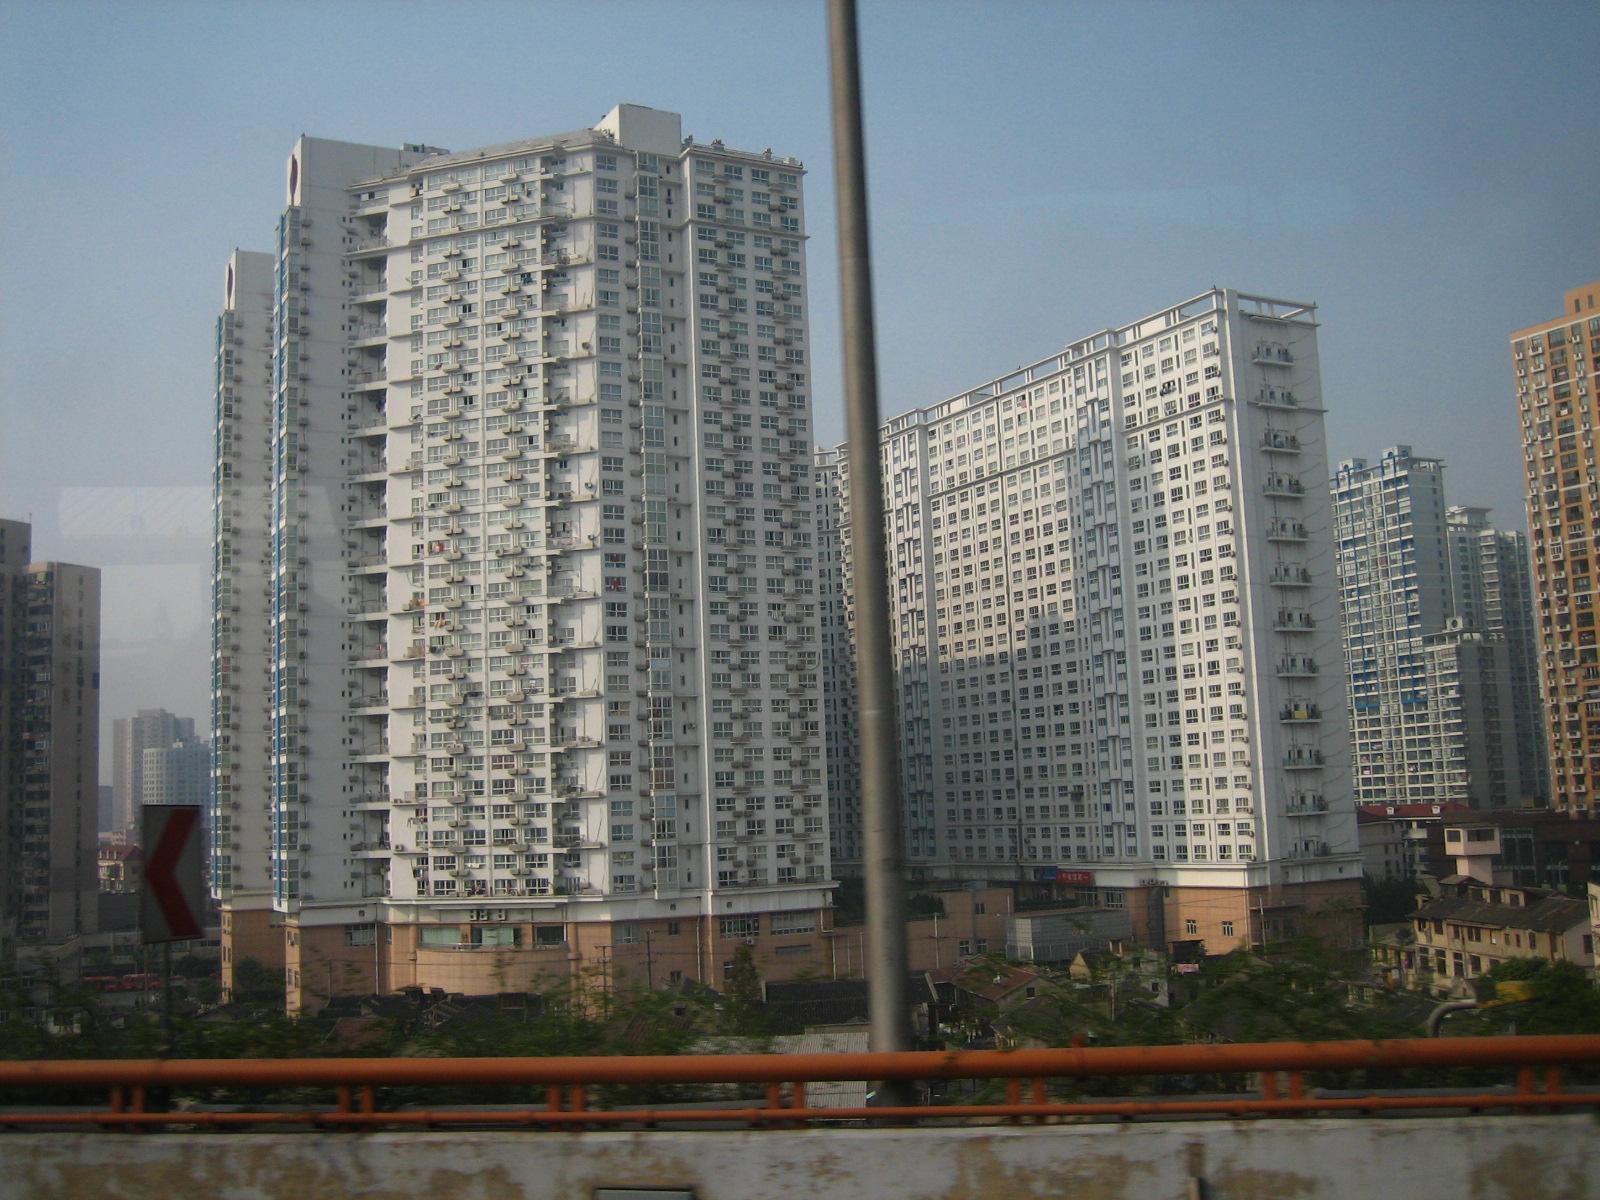 f:id:manpukuya:20051121134352j:plain